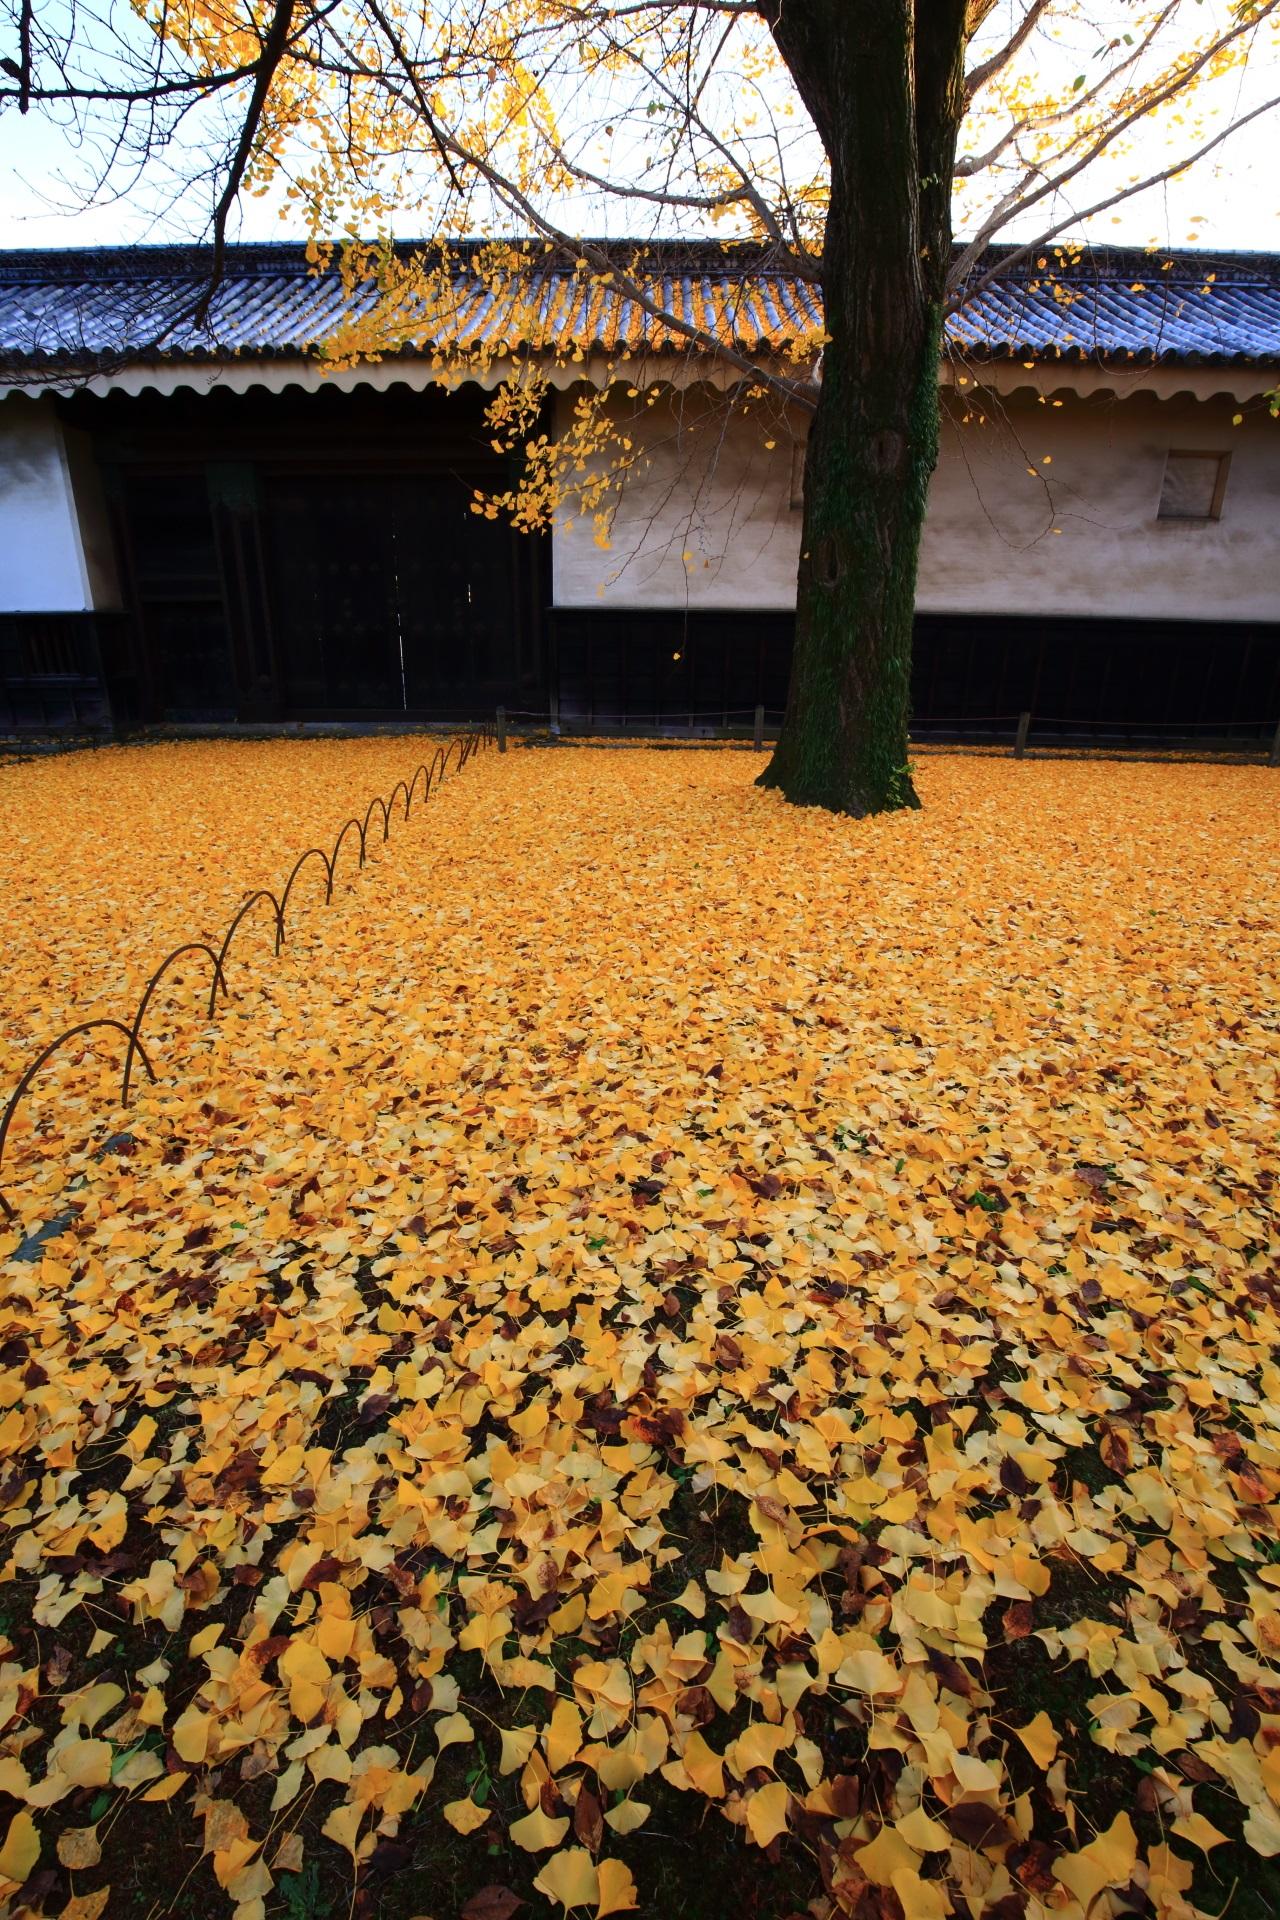 二条城の素晴らしい銀杏と紅葉と秋色の情景